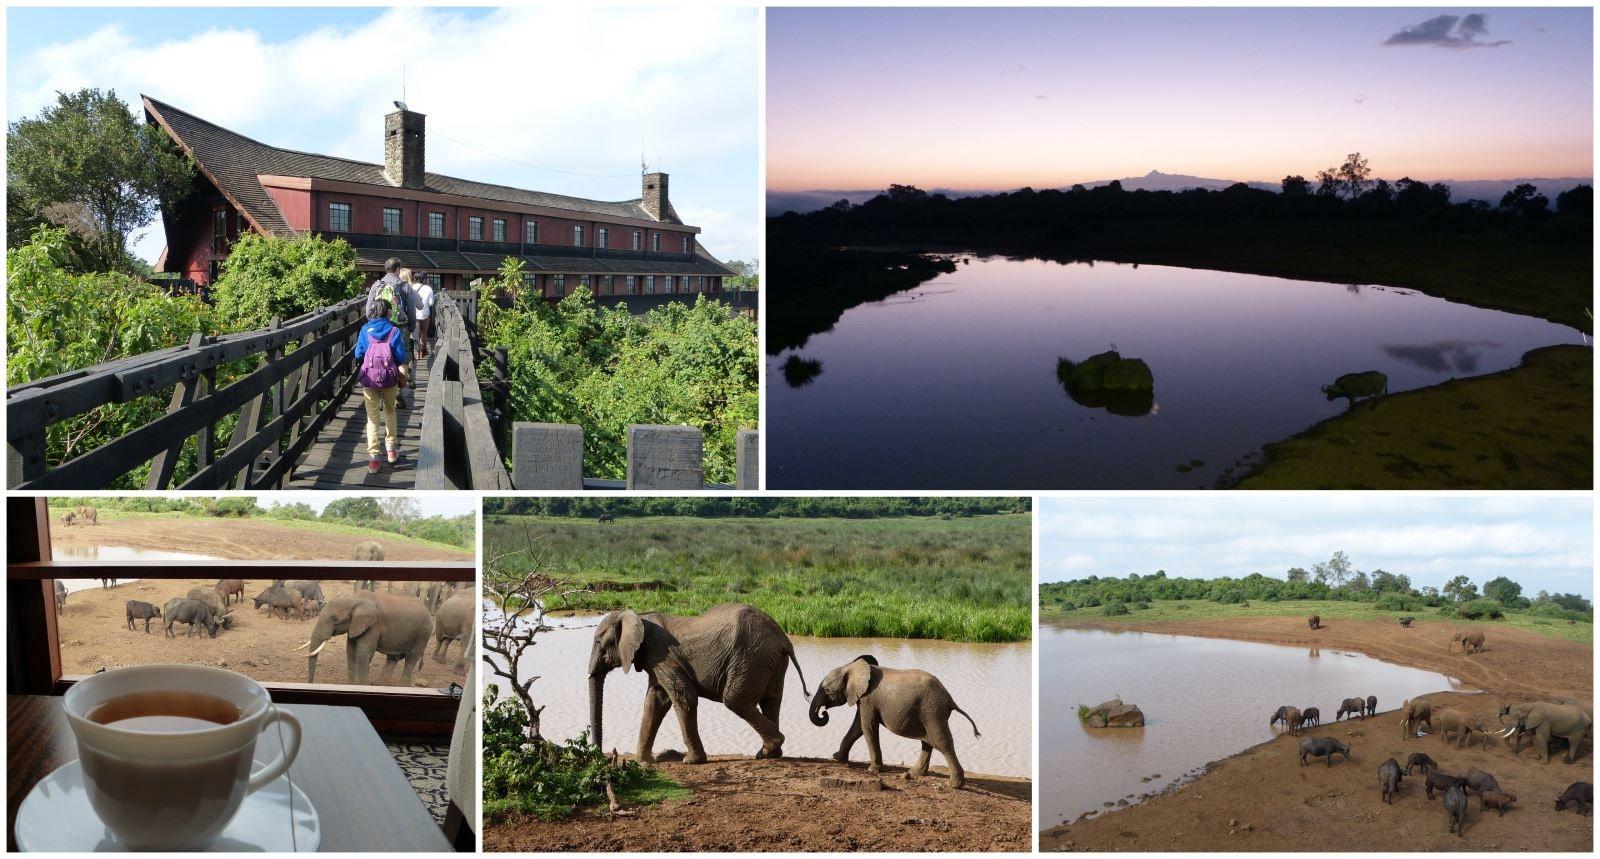 jambo东非肯亚动物奇观非洲大草原9日